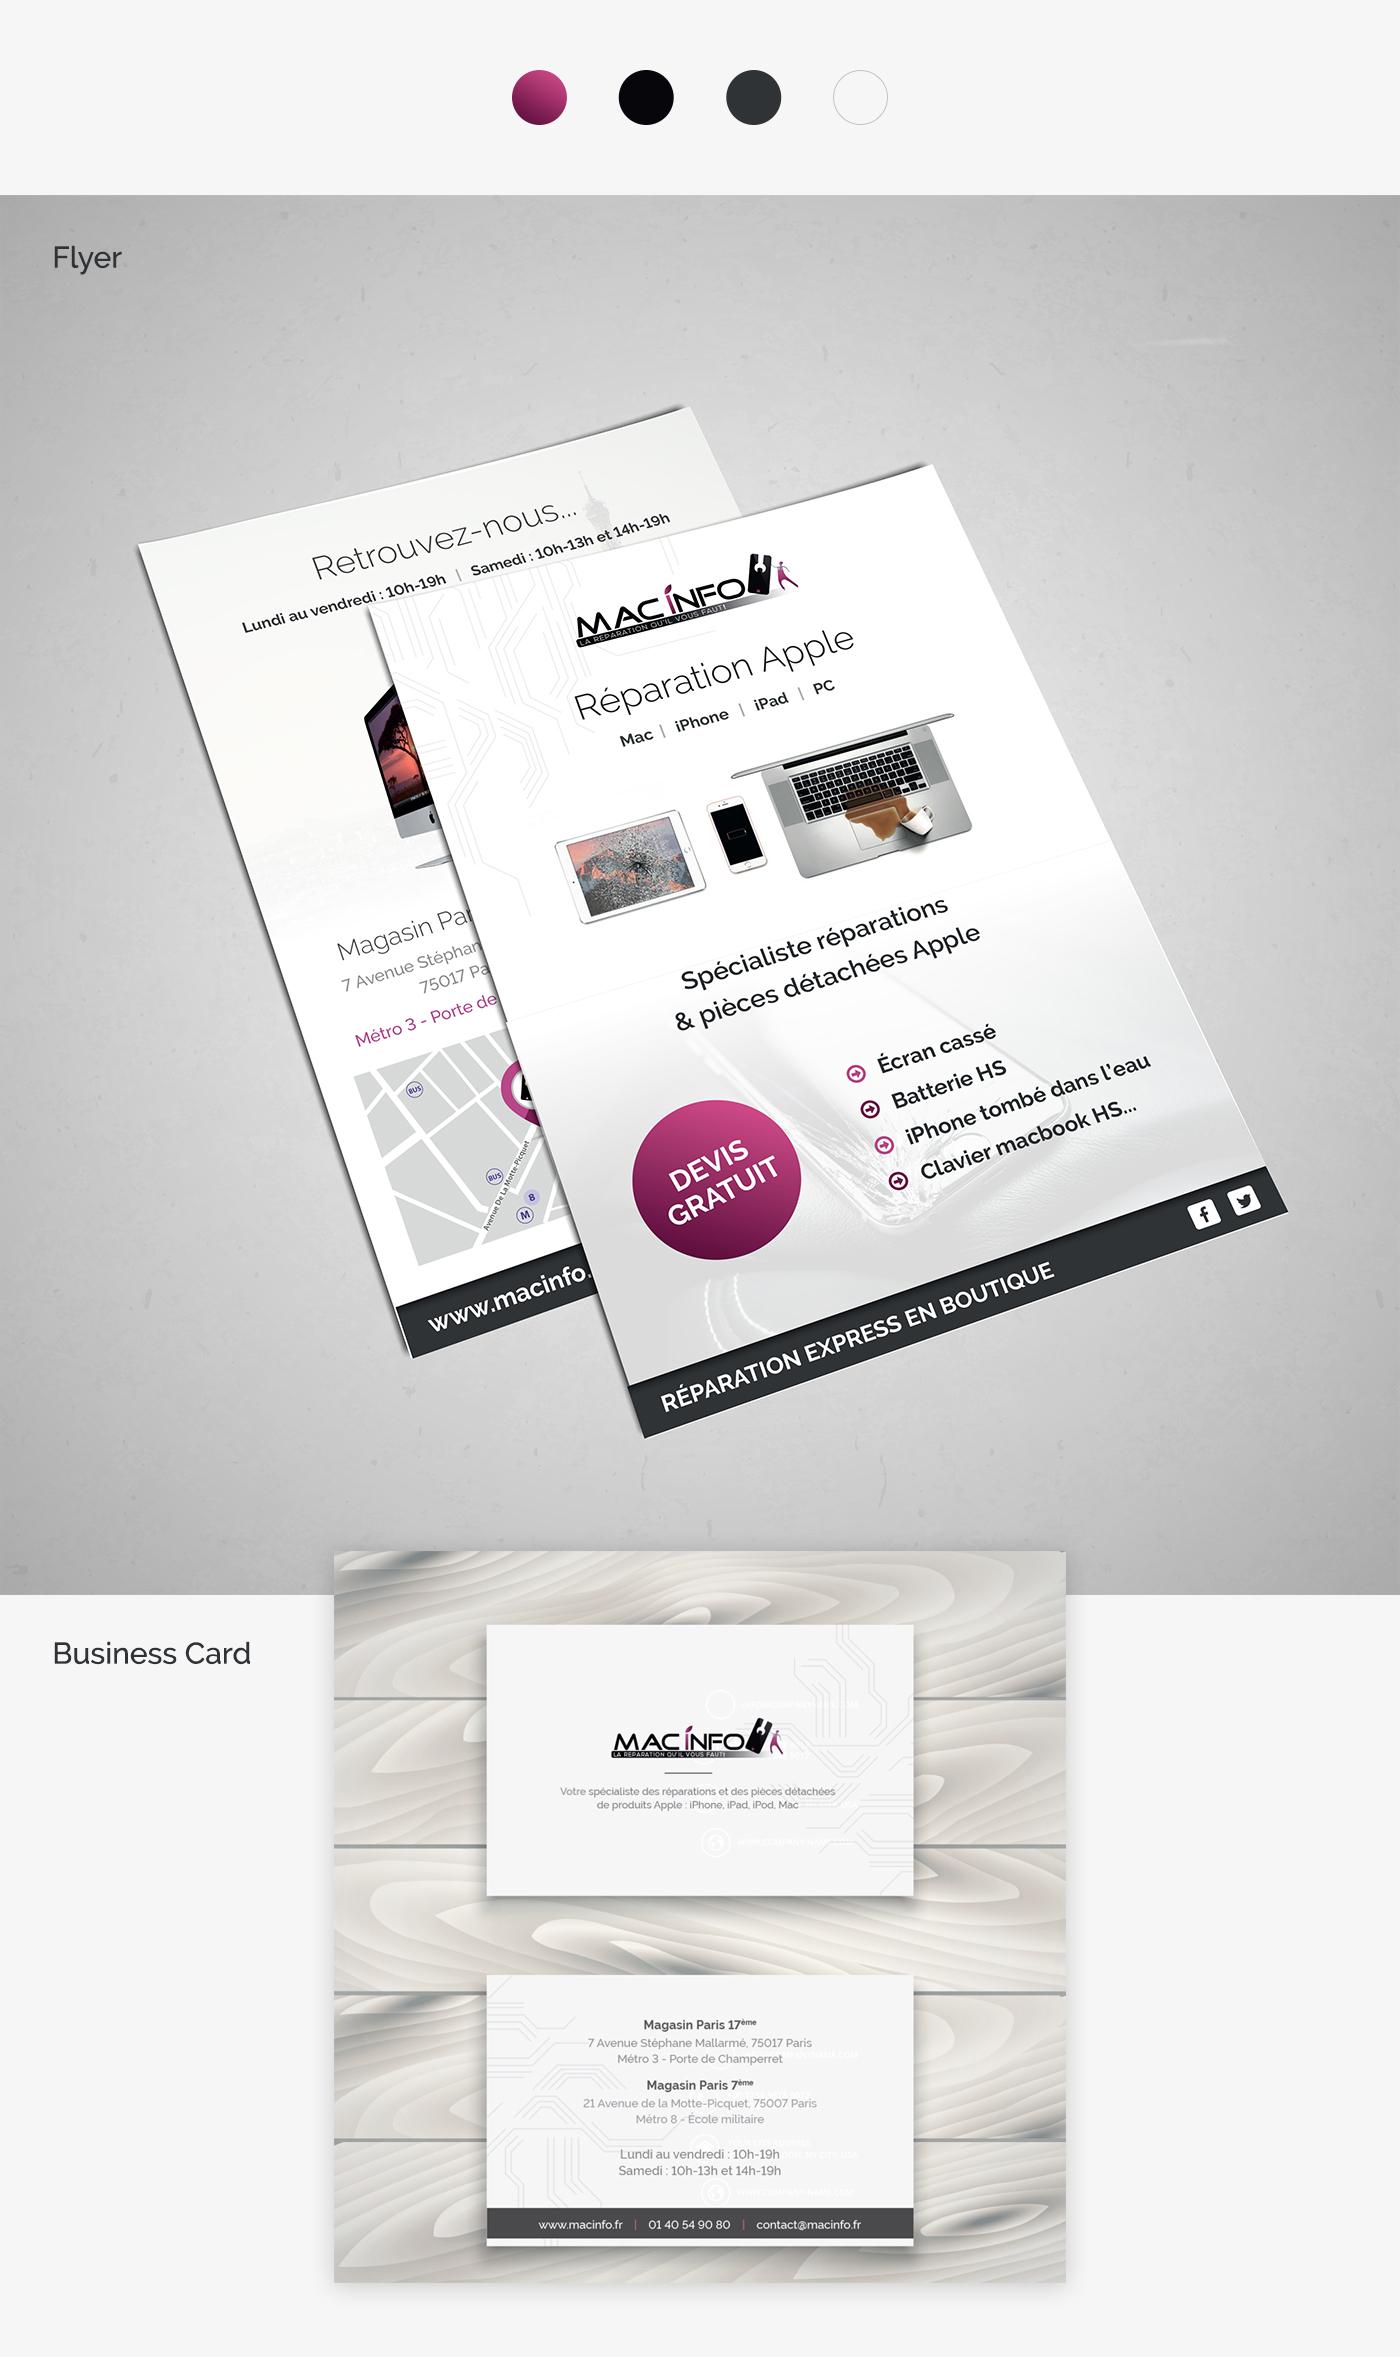 macinfo flyer project